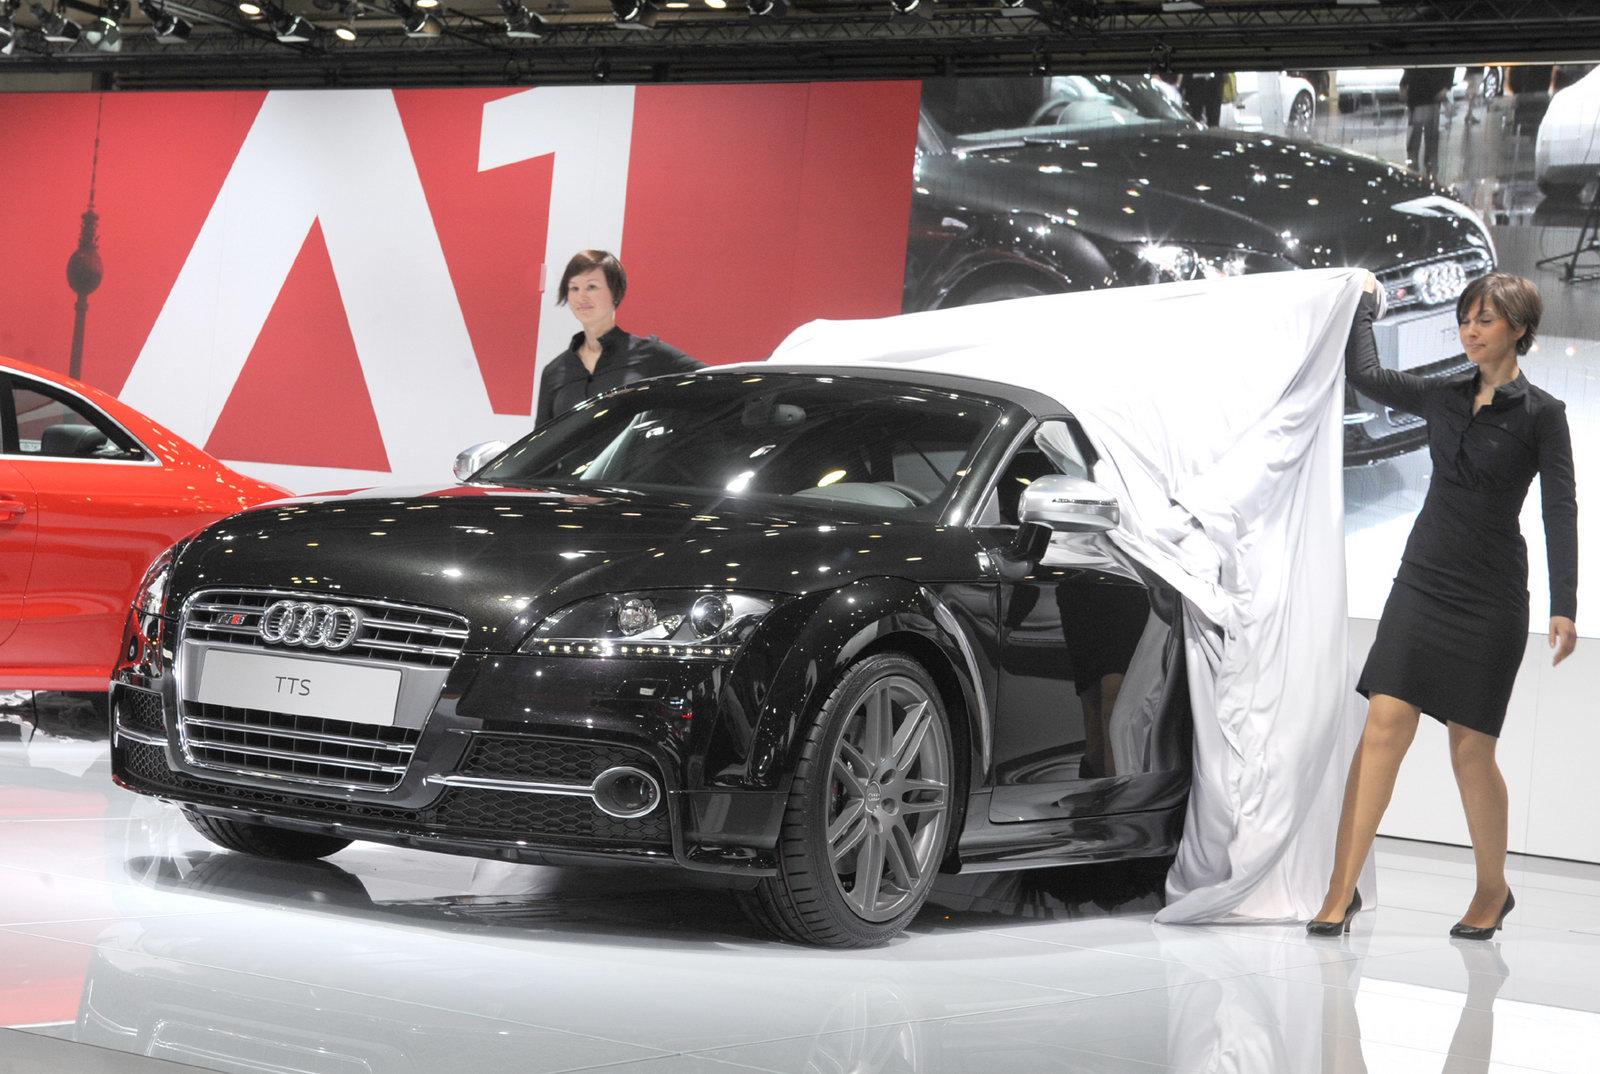 http://1.bp.blogspot.com/_FoXyvaPSnVk/S8Nj4W62TpI/AAAAAAACuzI/MnQ1WwHOZA0/s1600/2011-Audi-TT-FL-19.jpg